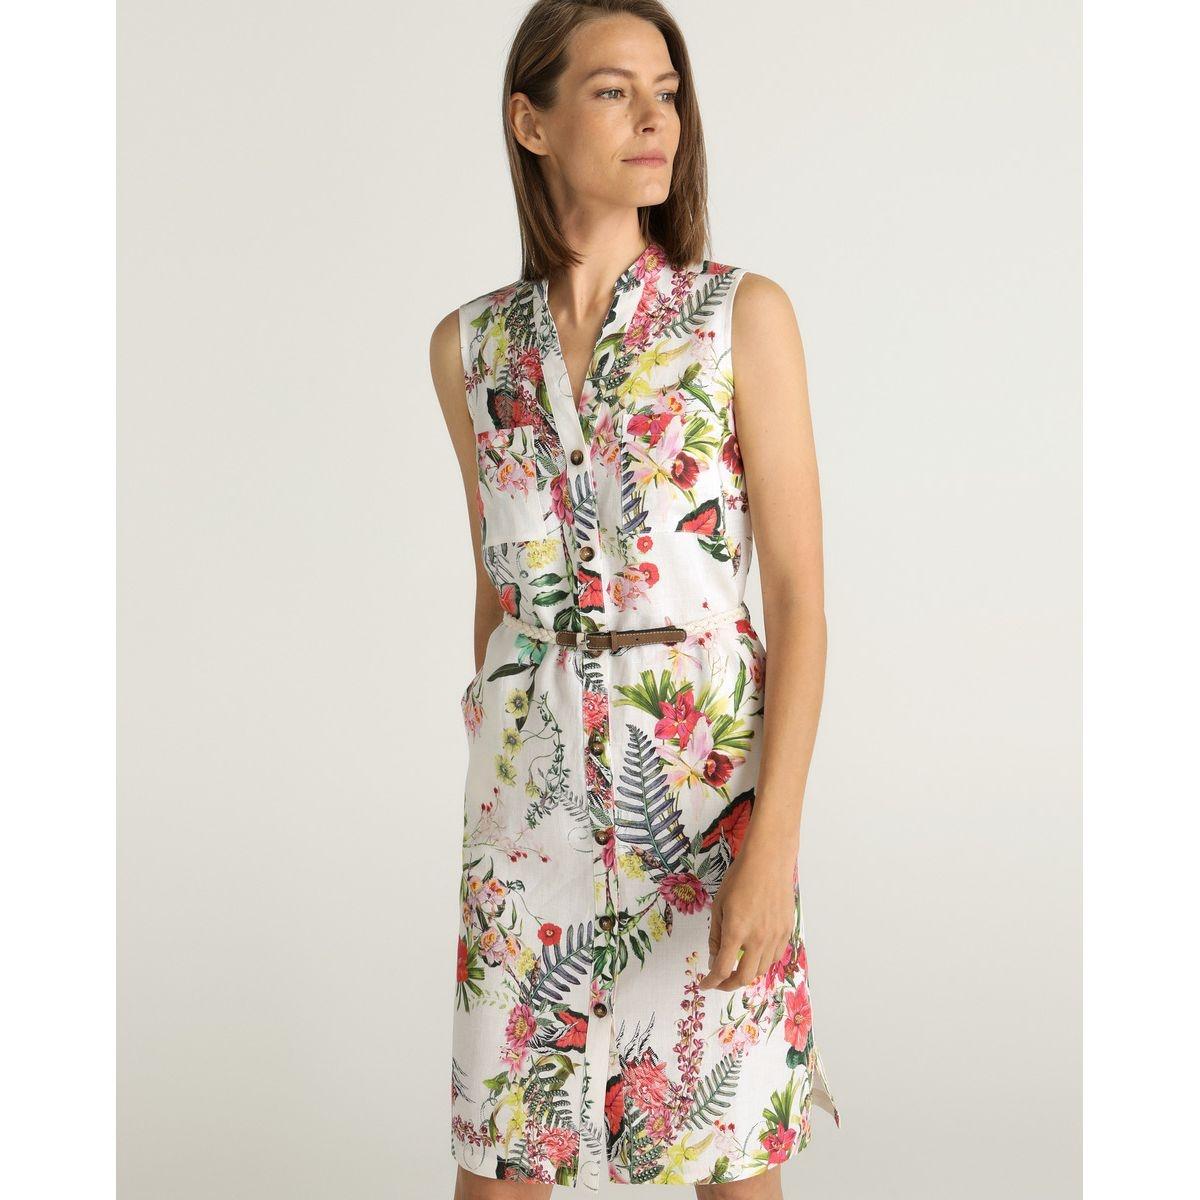 Robe 100% lin à imprimé floral avec ceinture